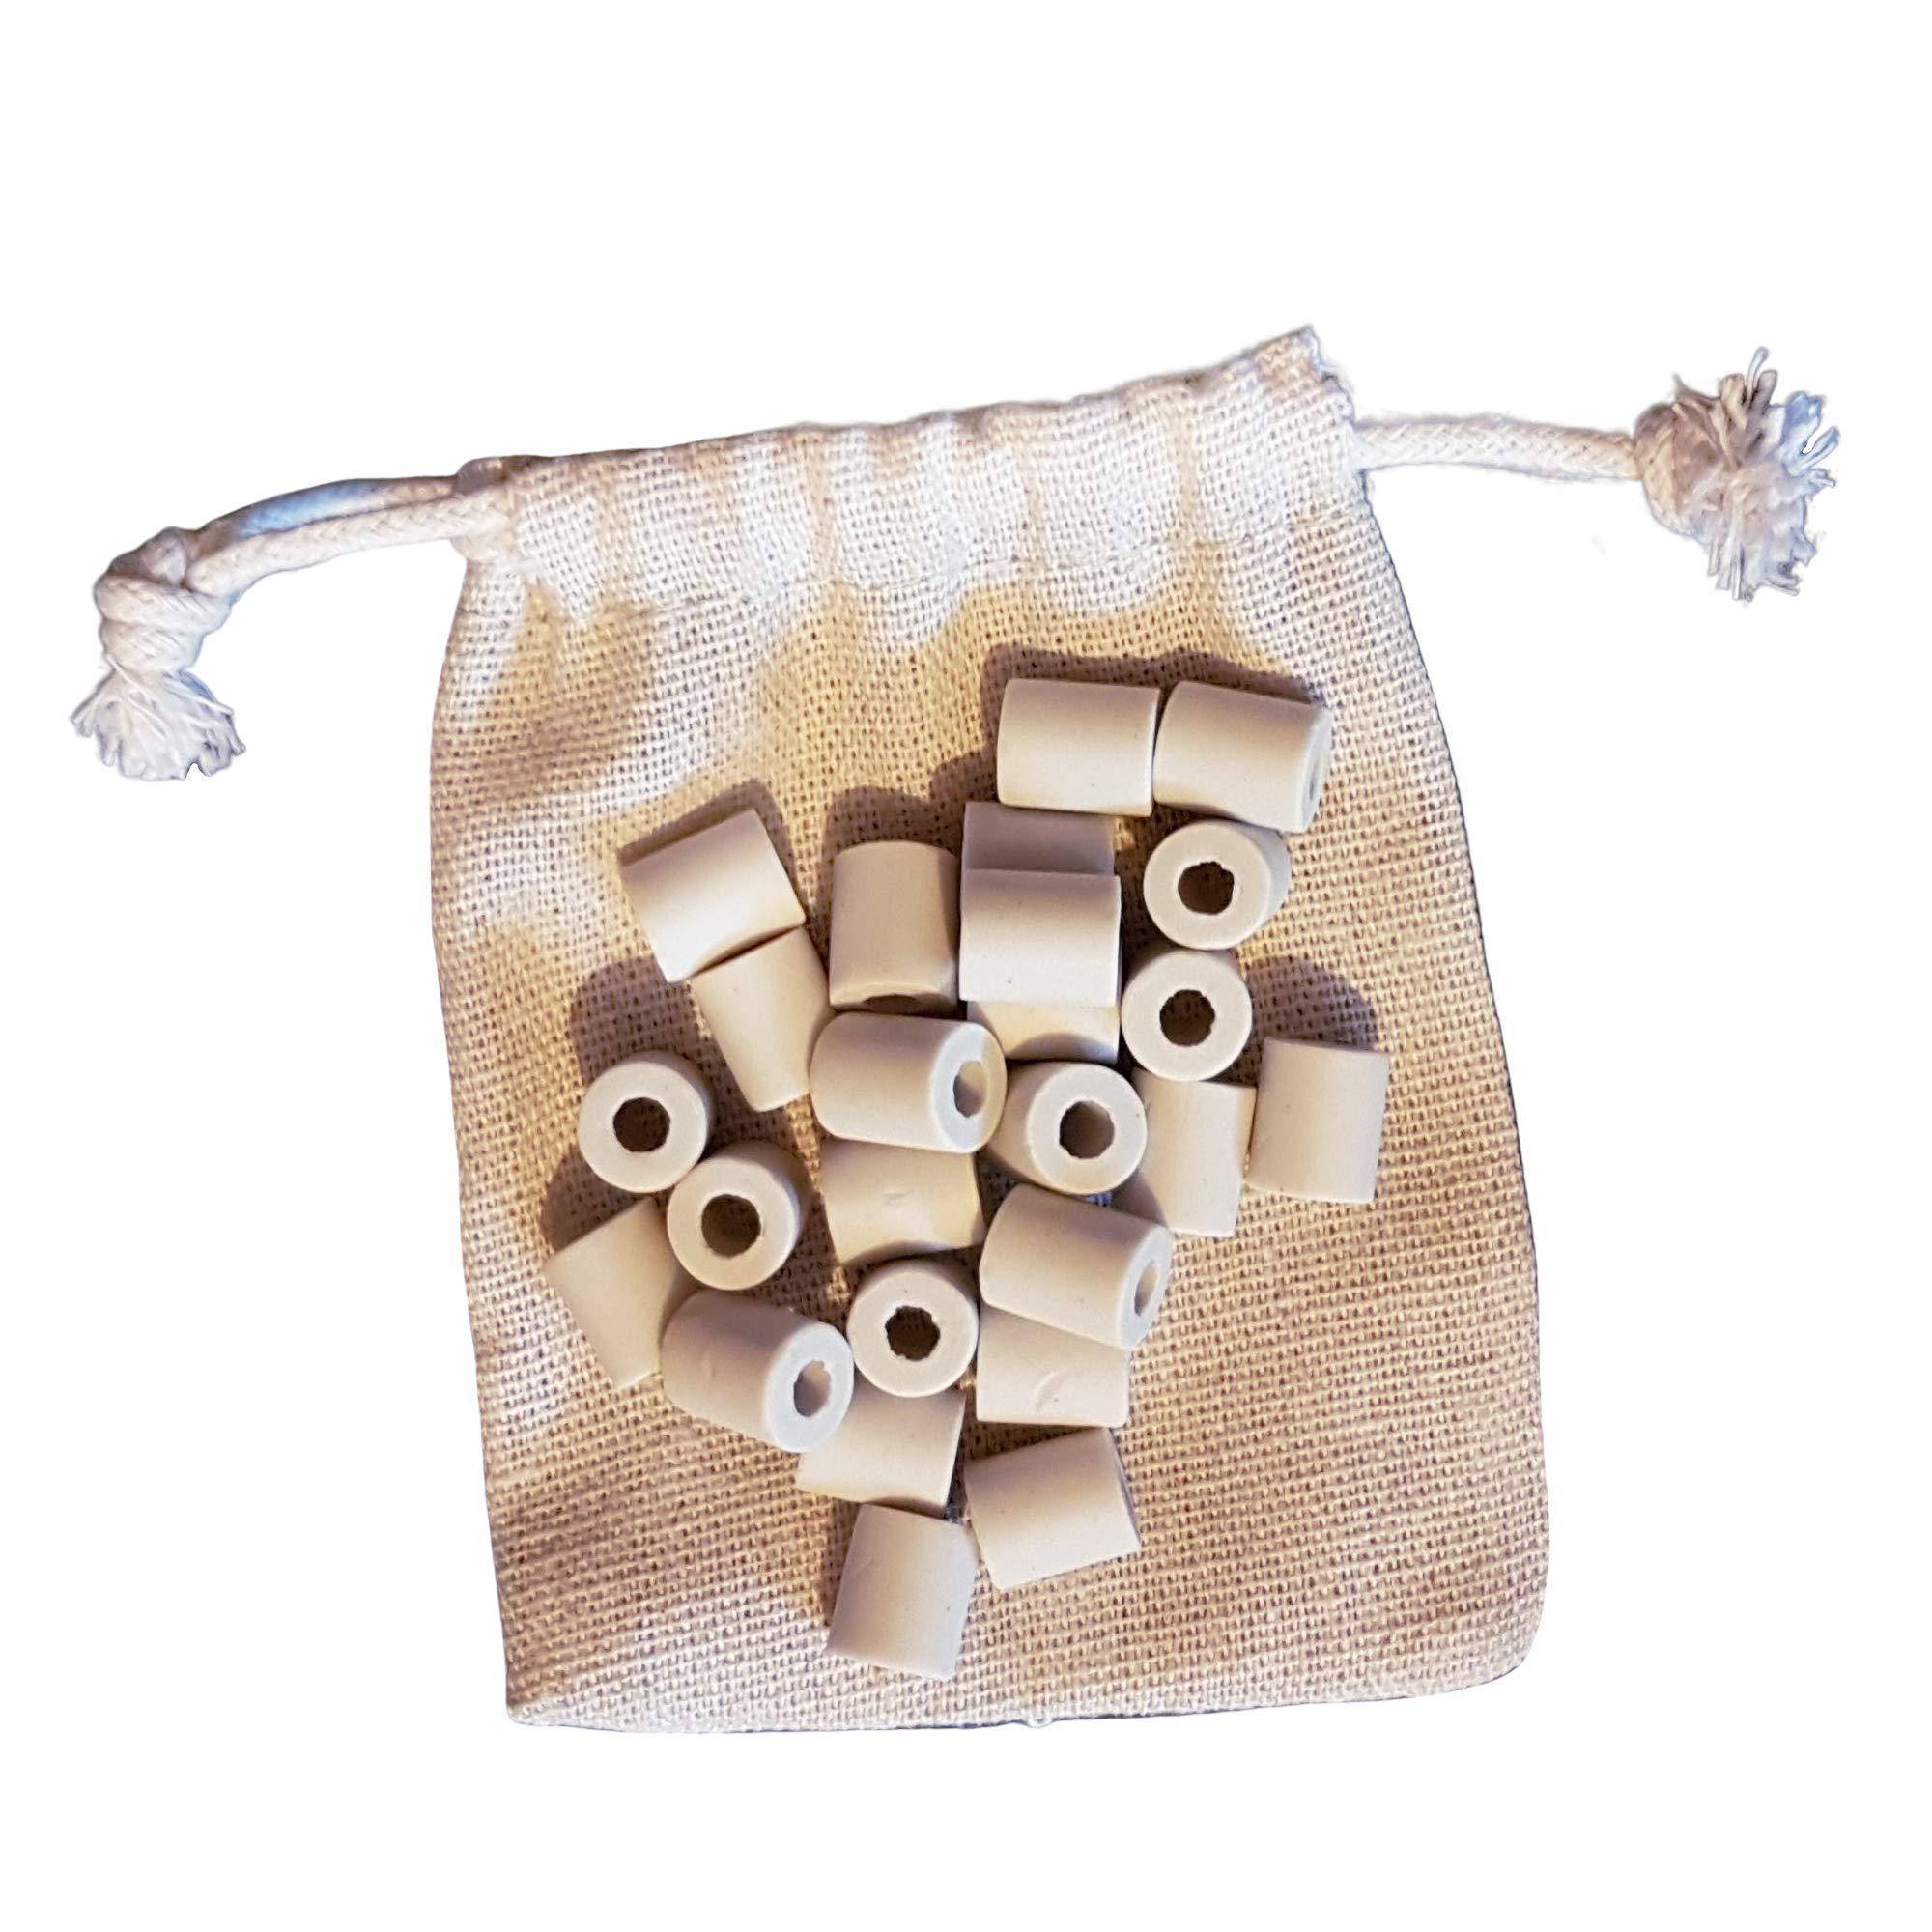 25x Perles CERAMIQUE EM Tubes Micro Organismes Efficaces Kit Filtration Naturel Eau du Robinet Bouteille Carafe Gourde Bouilloire Lave Linge Cafetière Fontaine à Eau Charbon Actif Japon